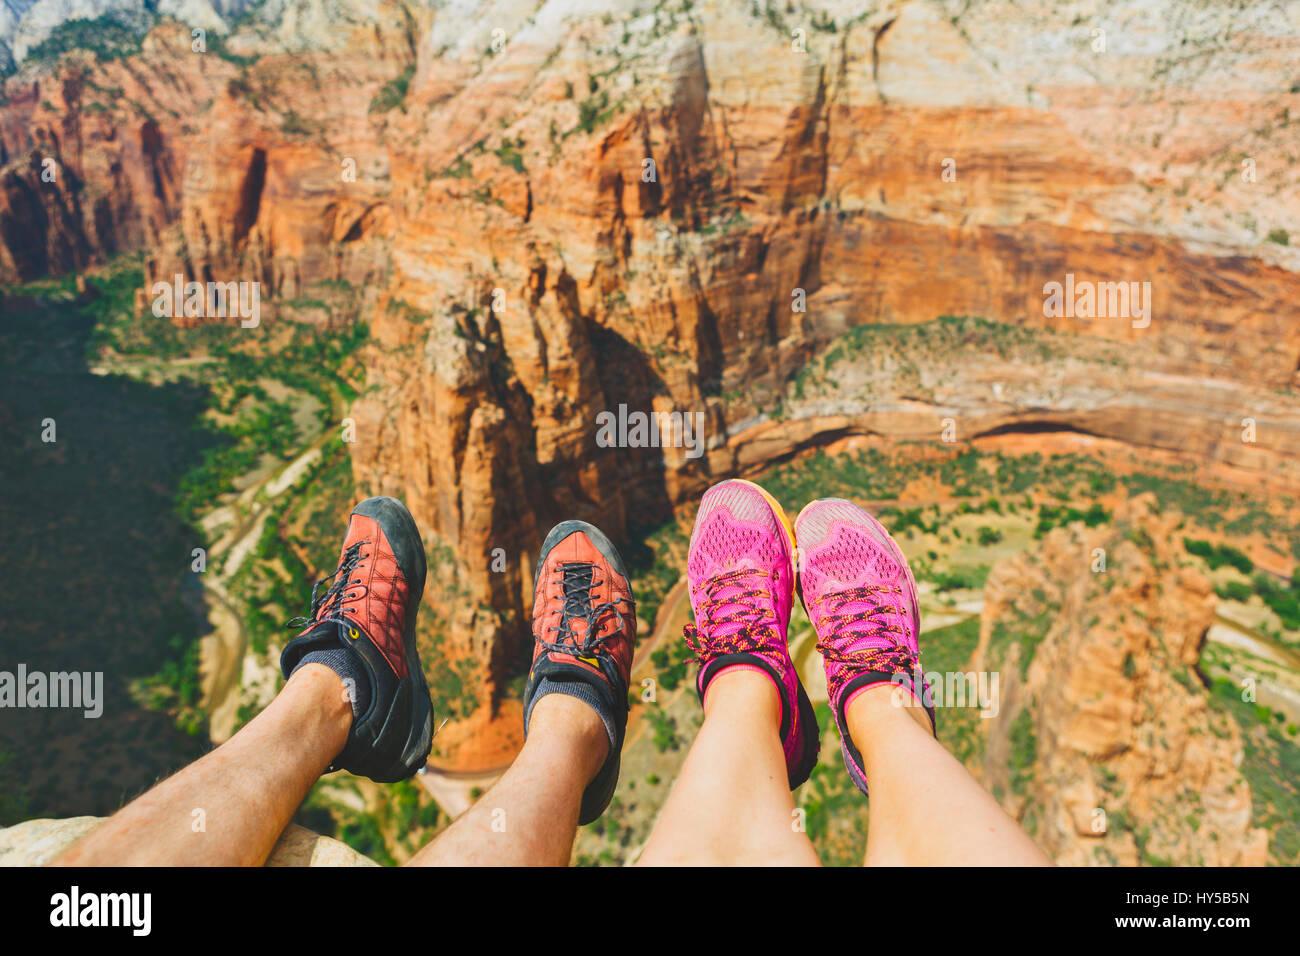 Usa, Utah, niedrige Abschnitt von Frau und Mann im Zion National Park Stockbild